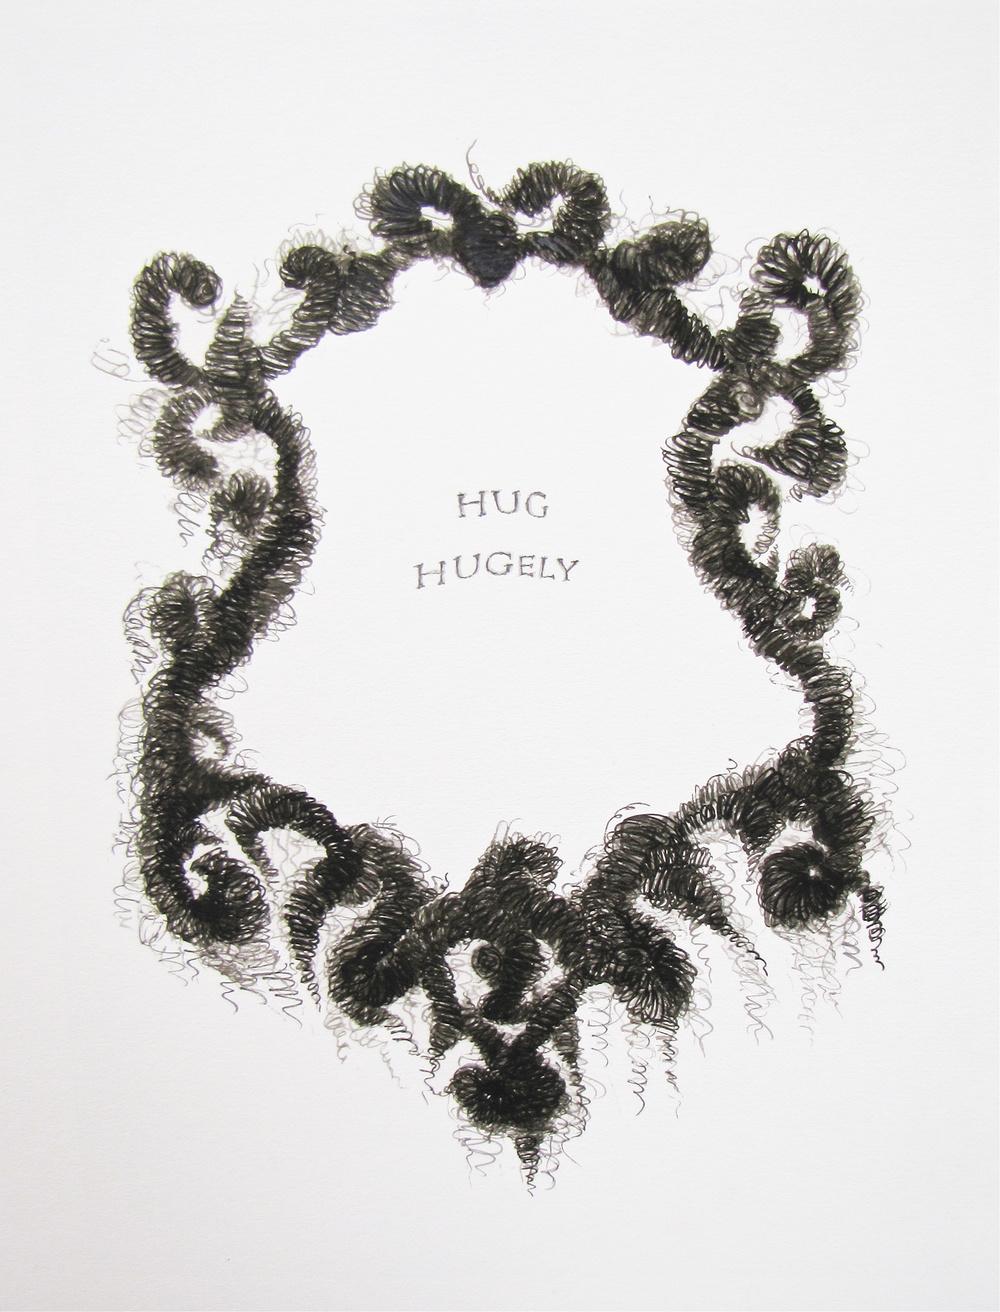 Hug hugely 2012